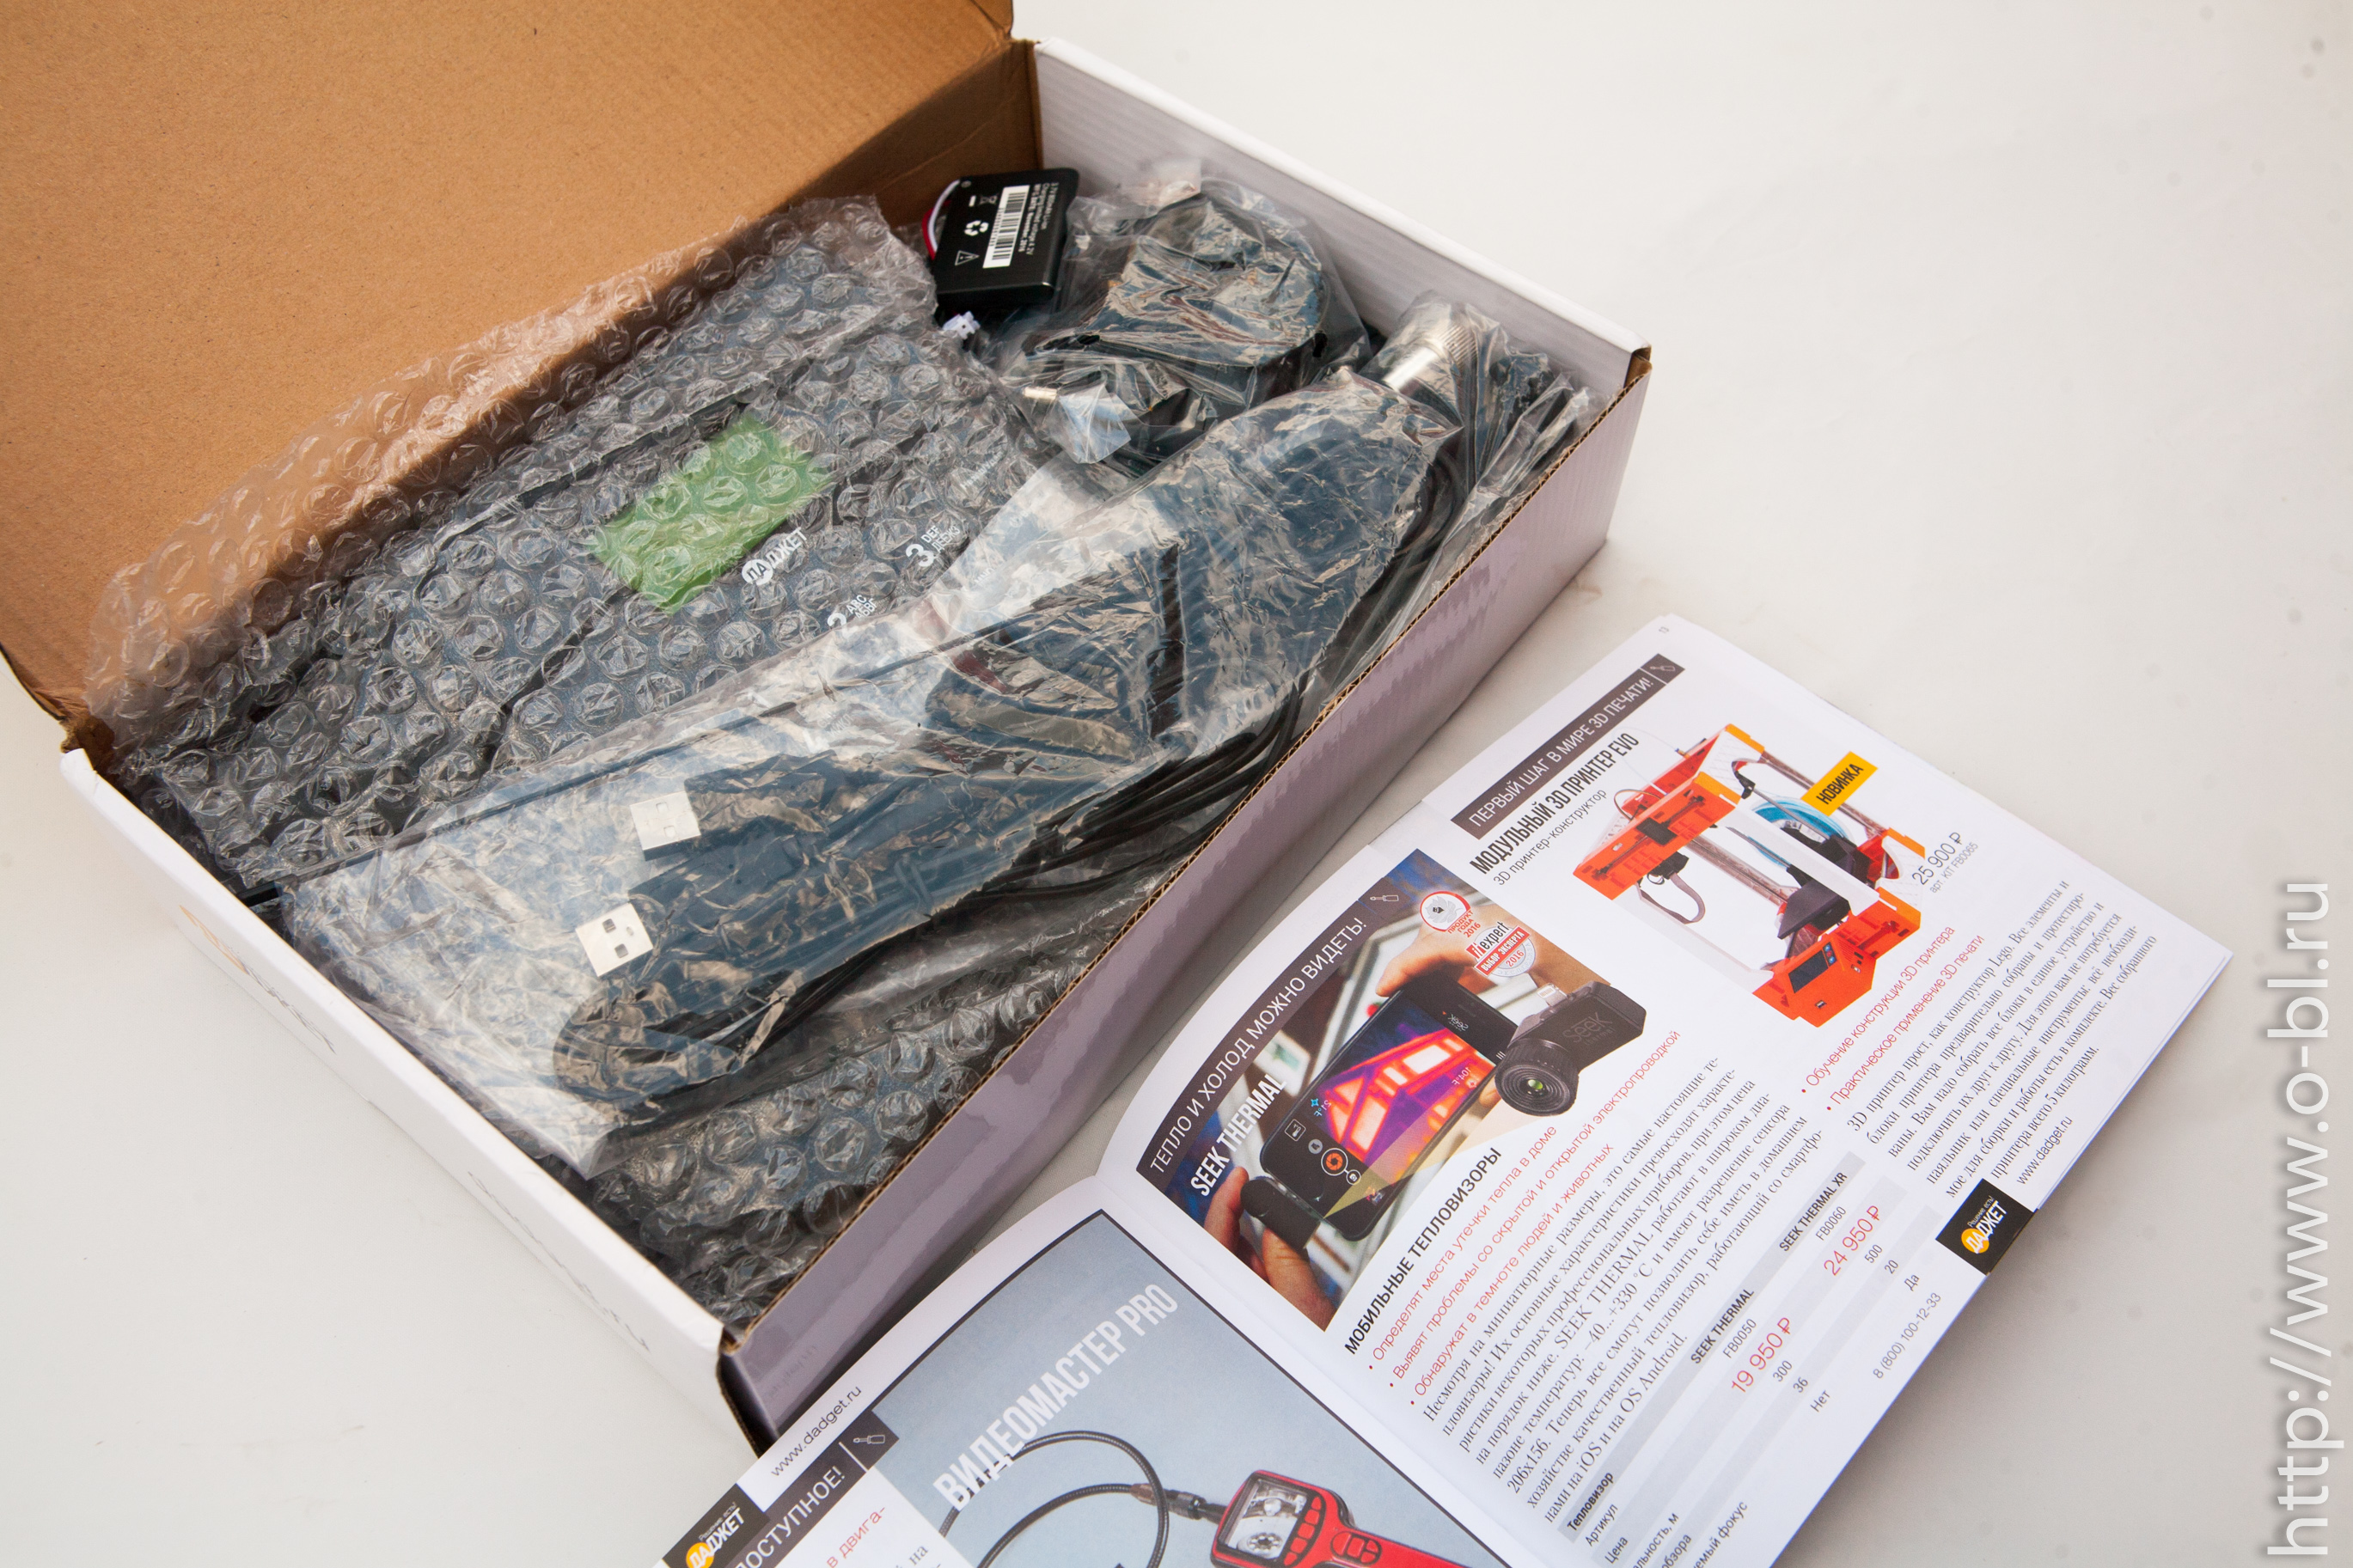 """Коробка с телефоном очень плотно набита комплектном поставки. В брошюрке виден """"мобильный тепловизор"""". Игрушка, которую я мечтаю приобрести уже много лет. Раньше они стоили много сотен тысяч рублей при меньших возможностях."""